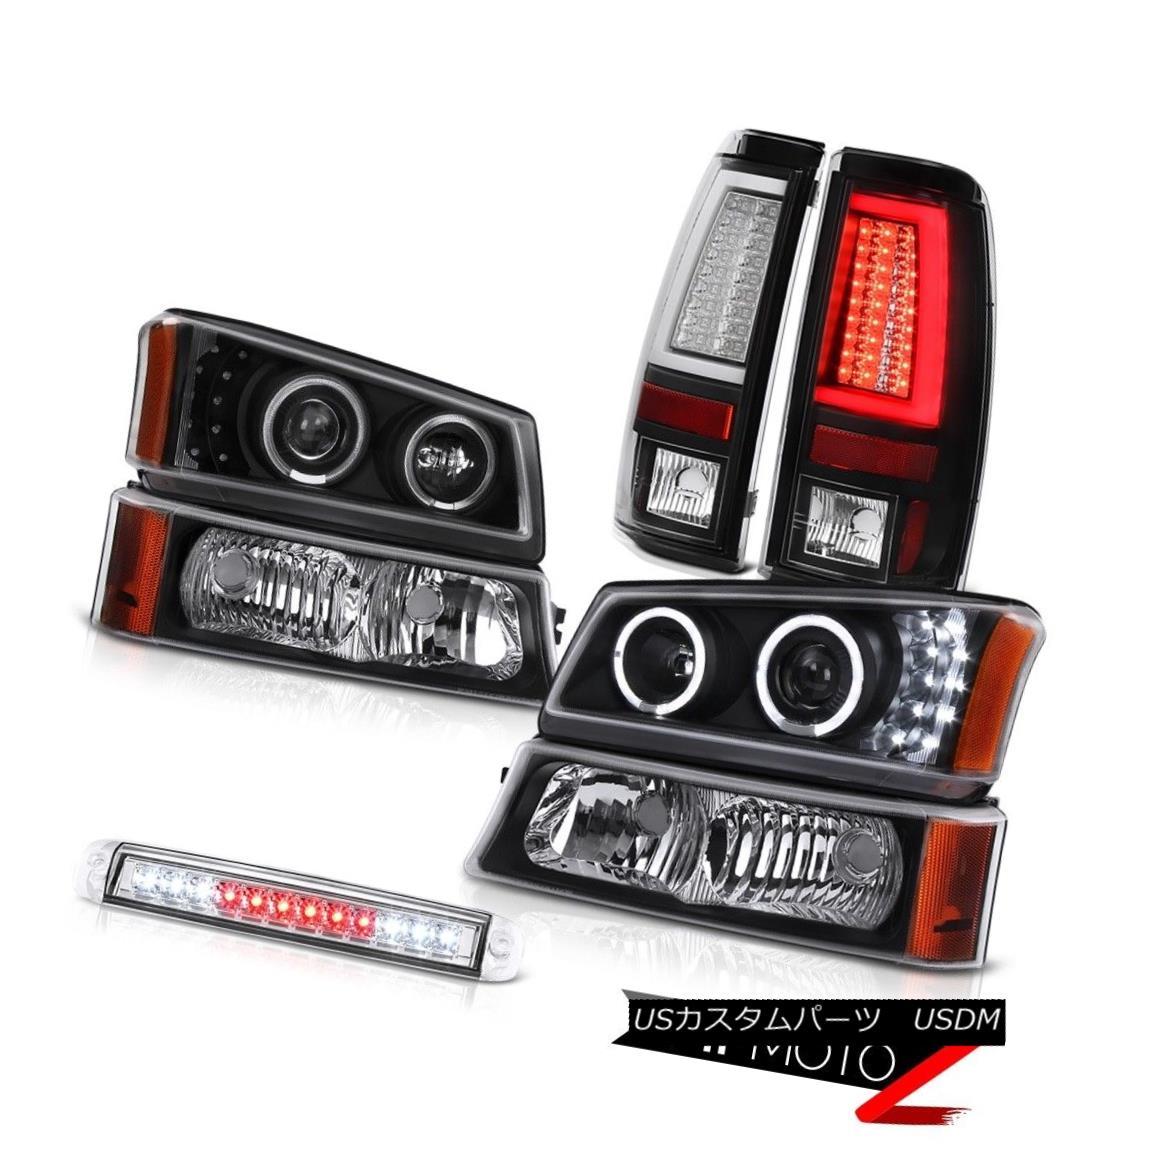 テールライト 03-06 Chevy Silverado Parking Brake Lights Roof Light Light Headlights Tron Tube 03-06 Chevy SilveradoパーキングブレーキライトルーフライトヘッドライトTron Tube